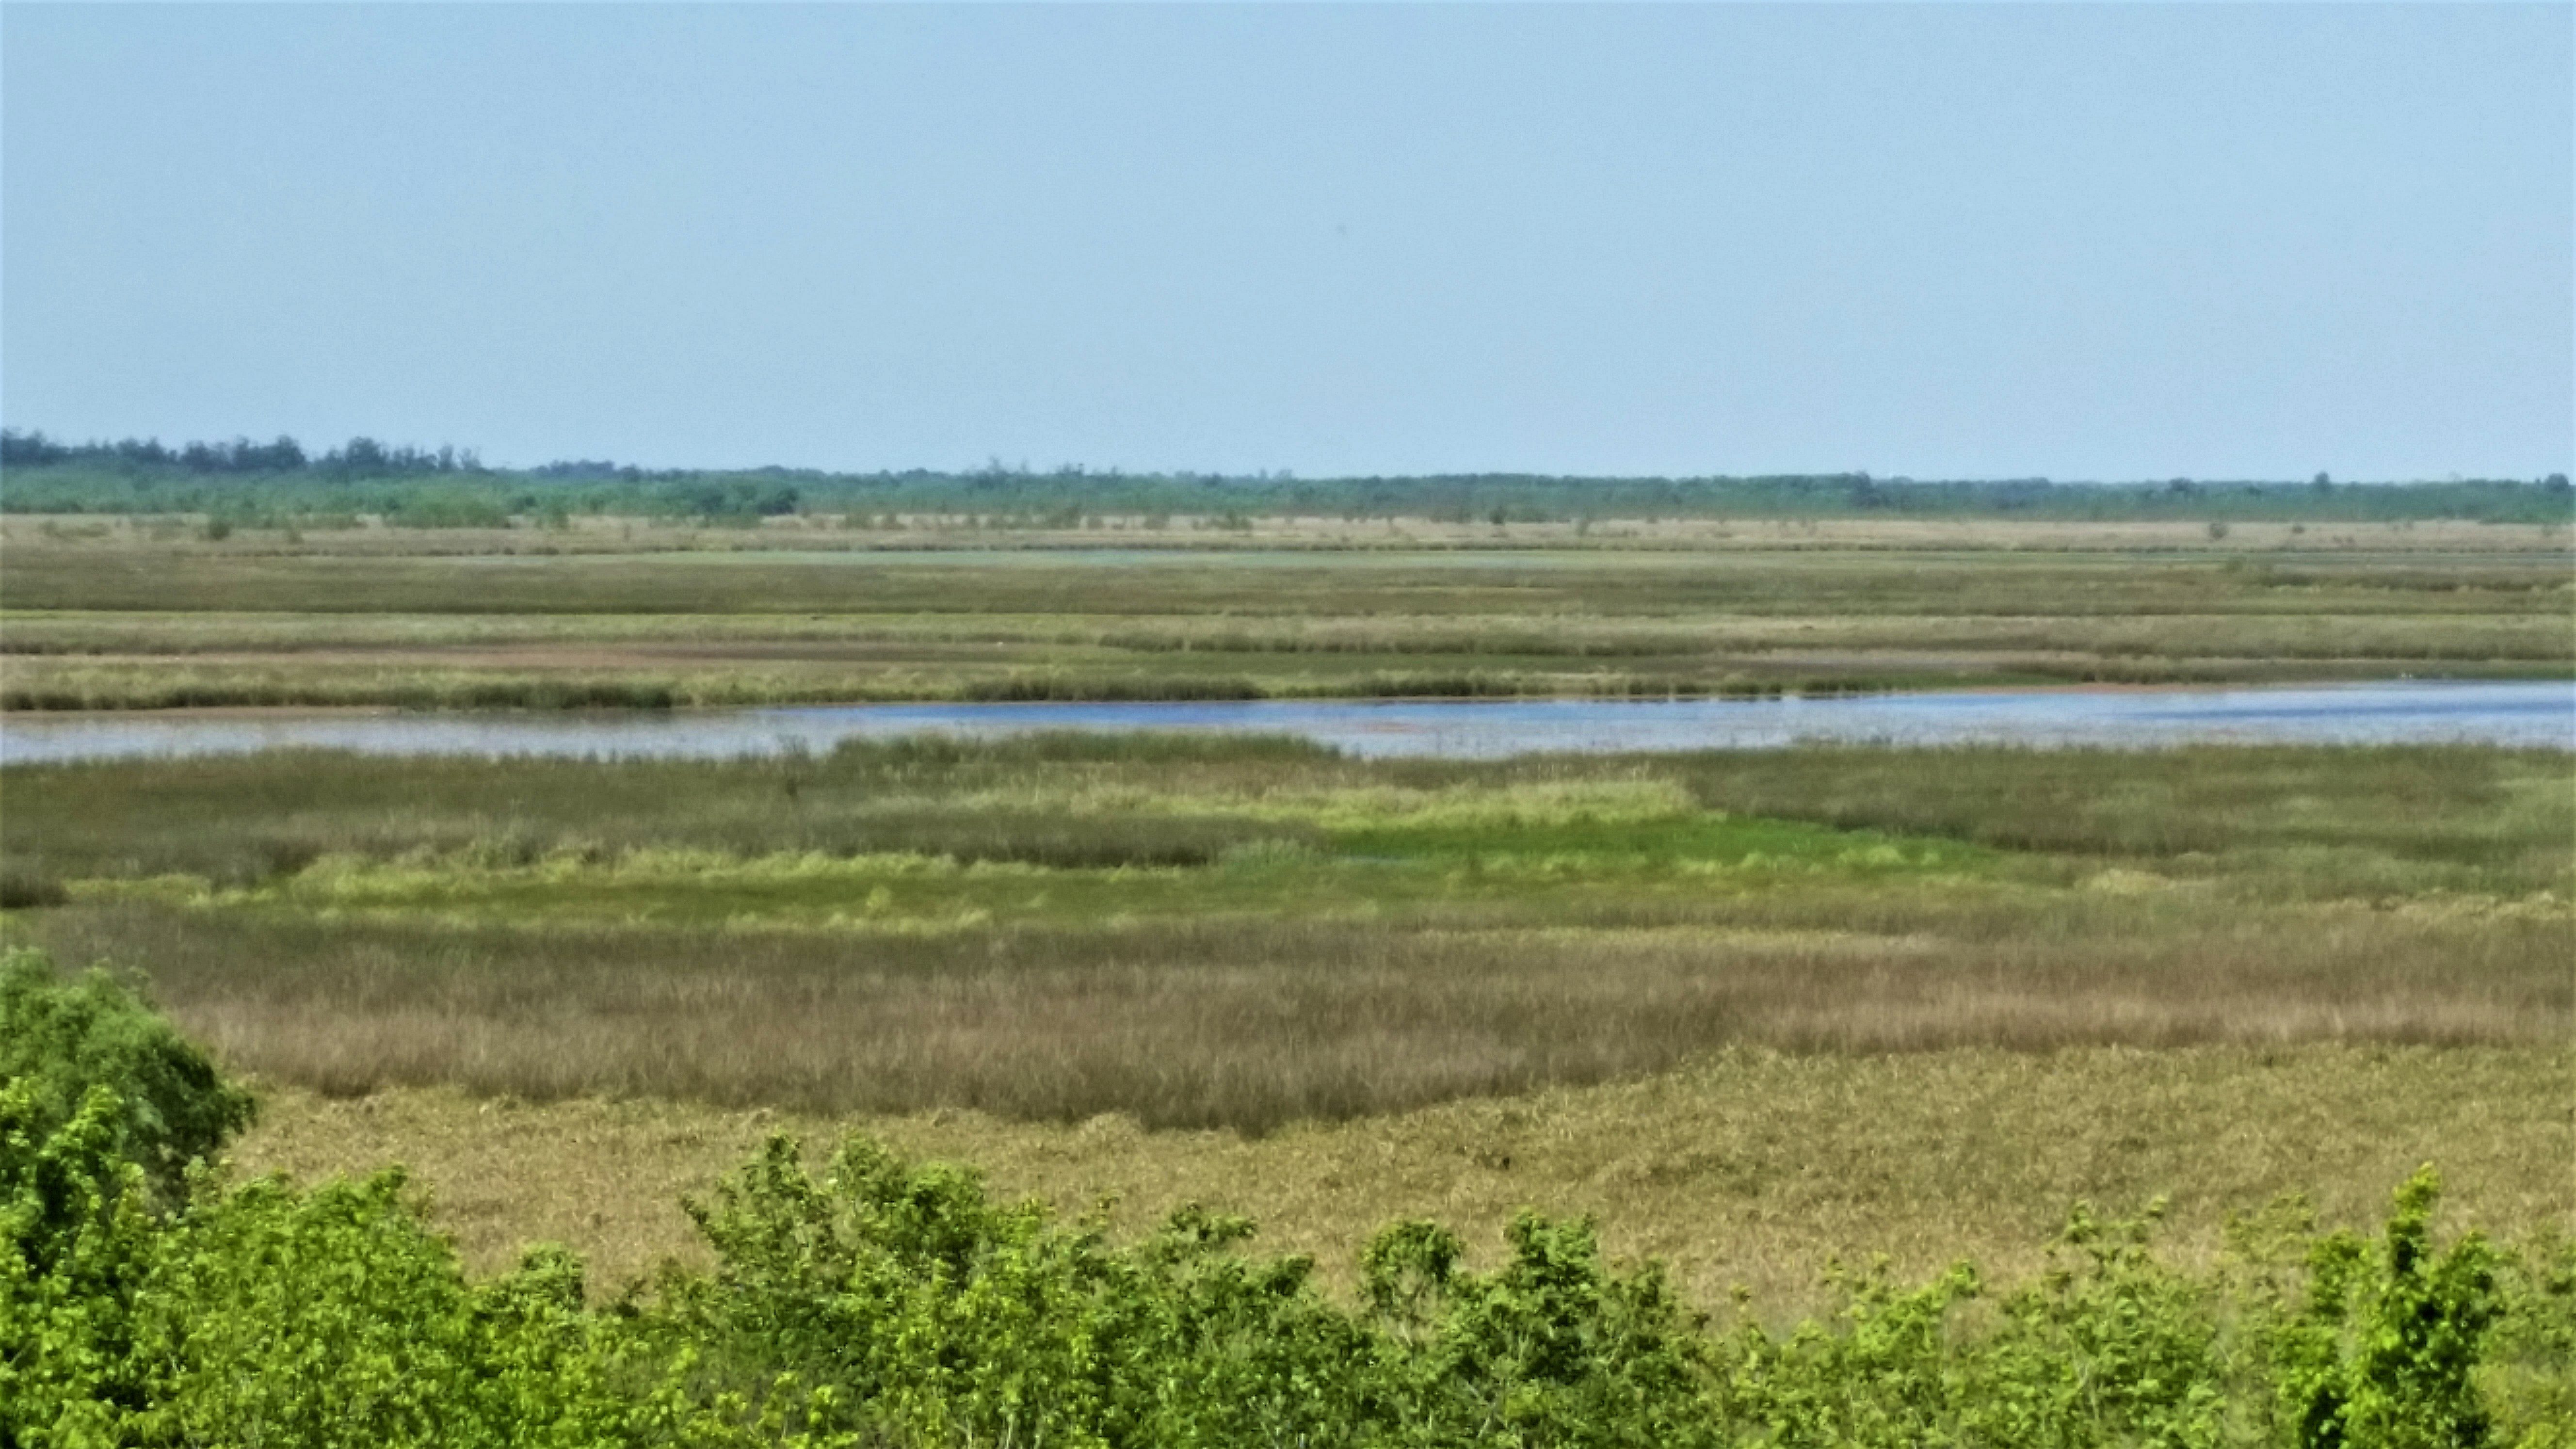 Laguna del Parque Nacional Ciervo de los Pantanos, sitio Ramsar y AICA. Foto: Damián Profeta. Licencia: CC BY-NC 2.0.